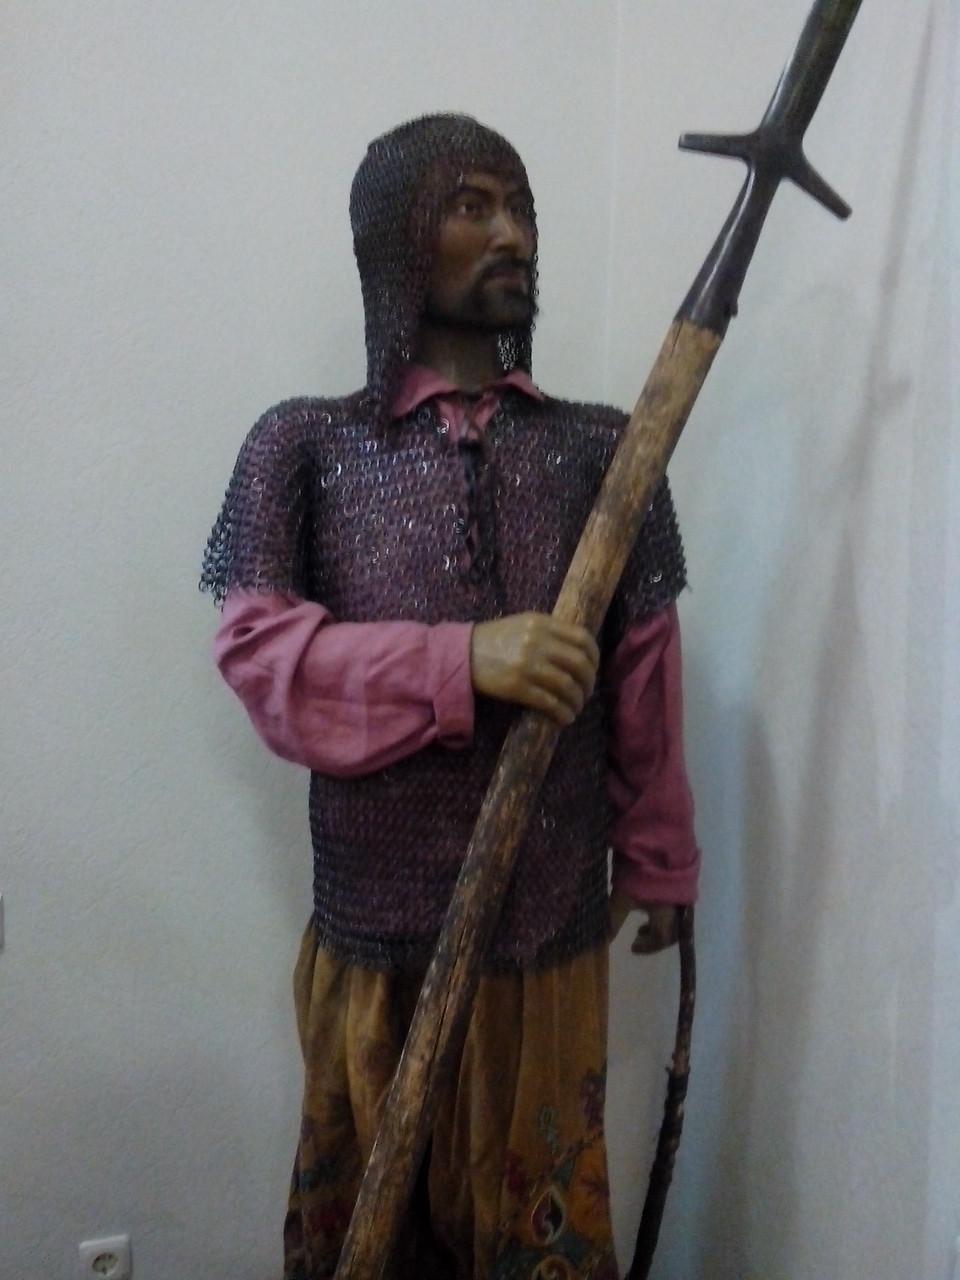 Башкирский воин, восковая фигура. Национальный музей Республики Башкортостан